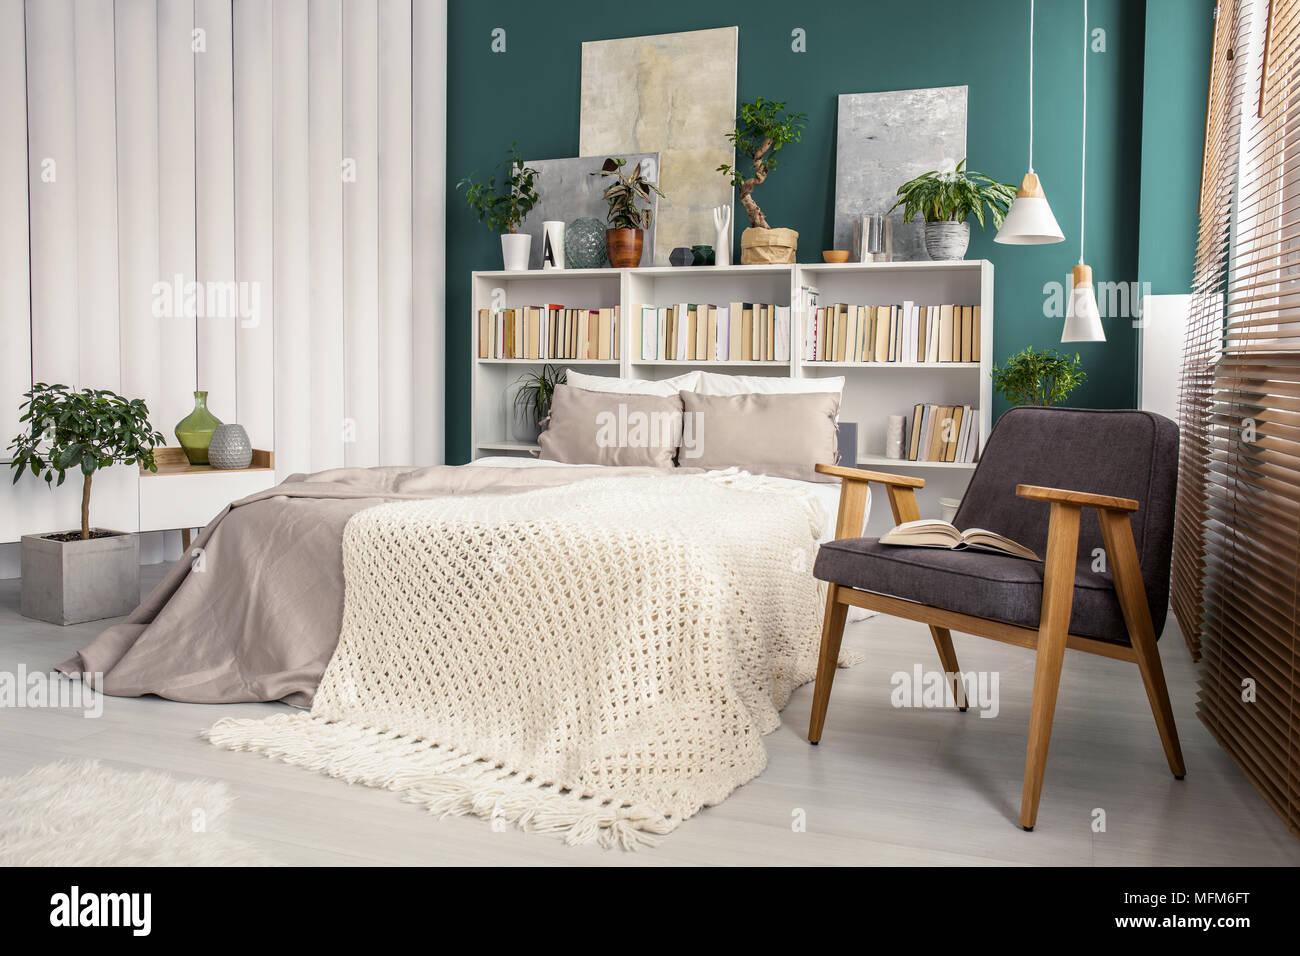 Weiß Und Grün Schlafzimmer Innenraum Mit Einem Strick Decke Auf Beige Bett  Zwischen Vintage, Grau Sessel Und Rohre An Der Wand